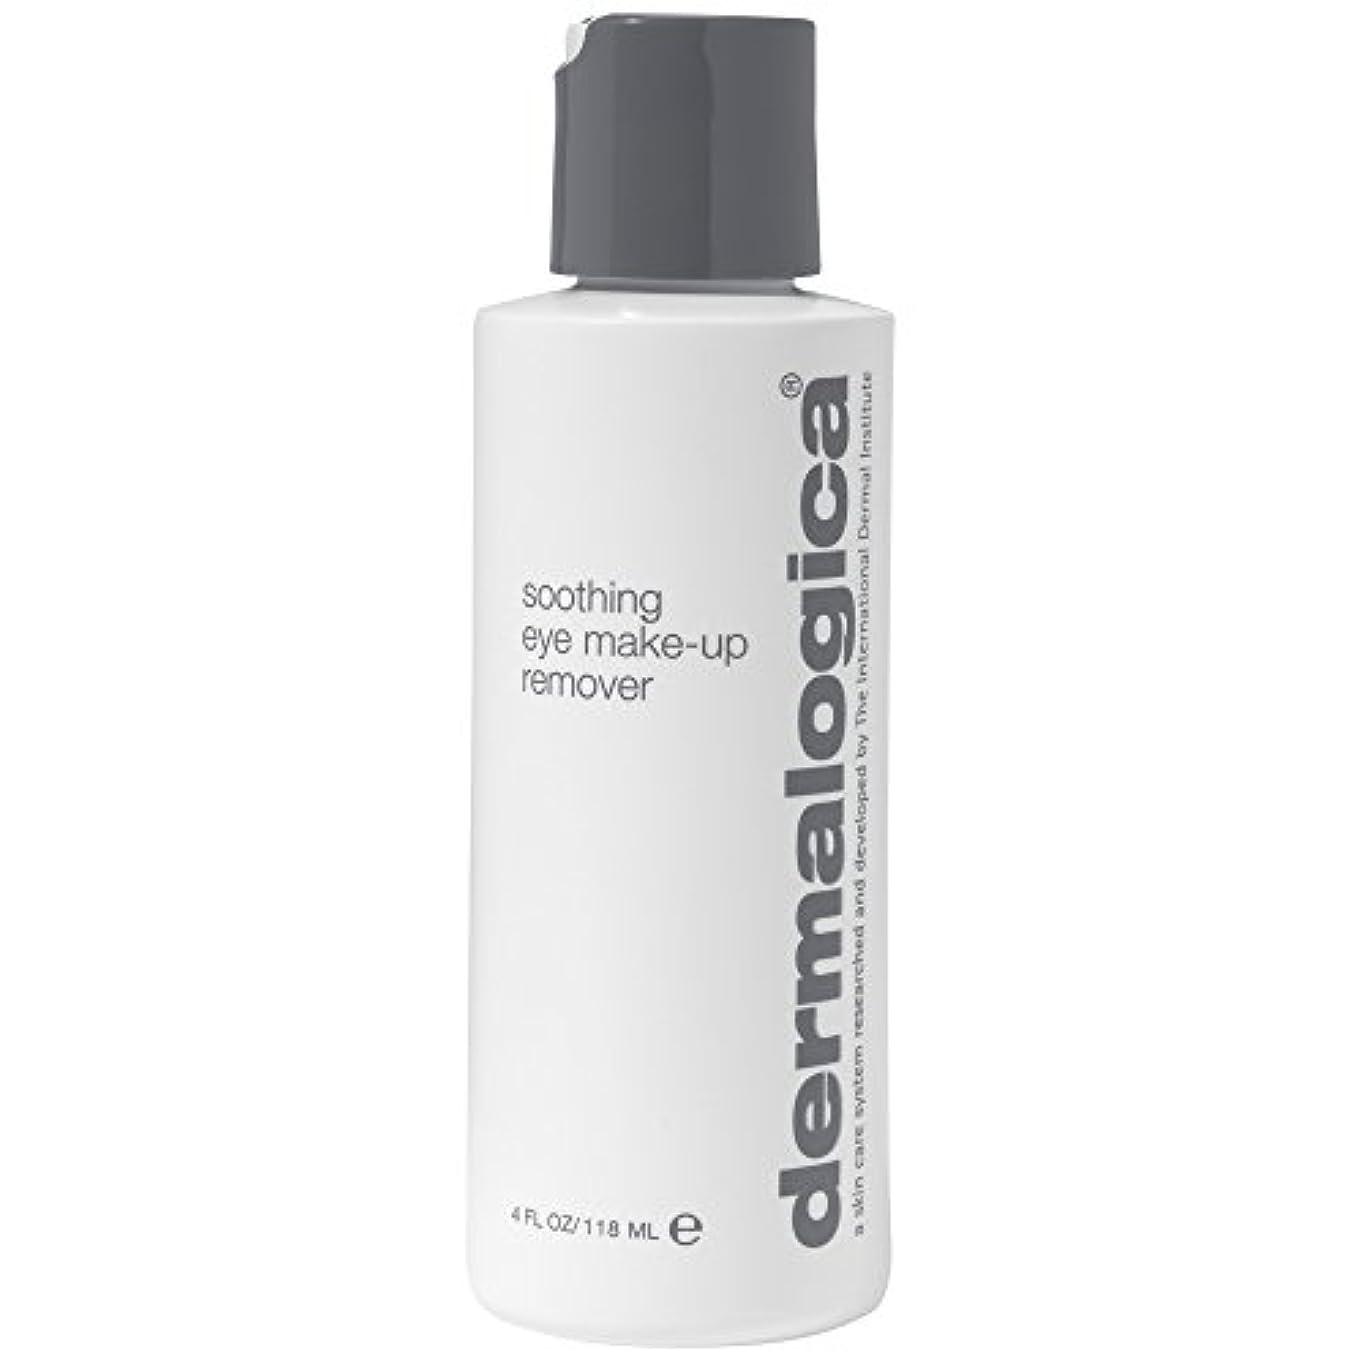 ストレスの多い優勢予測ダーマロジカなだめるアイメイクアップリムーバーの118ミリリットル (Dermalogica) - Dermalogica Soothing Eye Makeup Remover 118ml [並行輸入品]